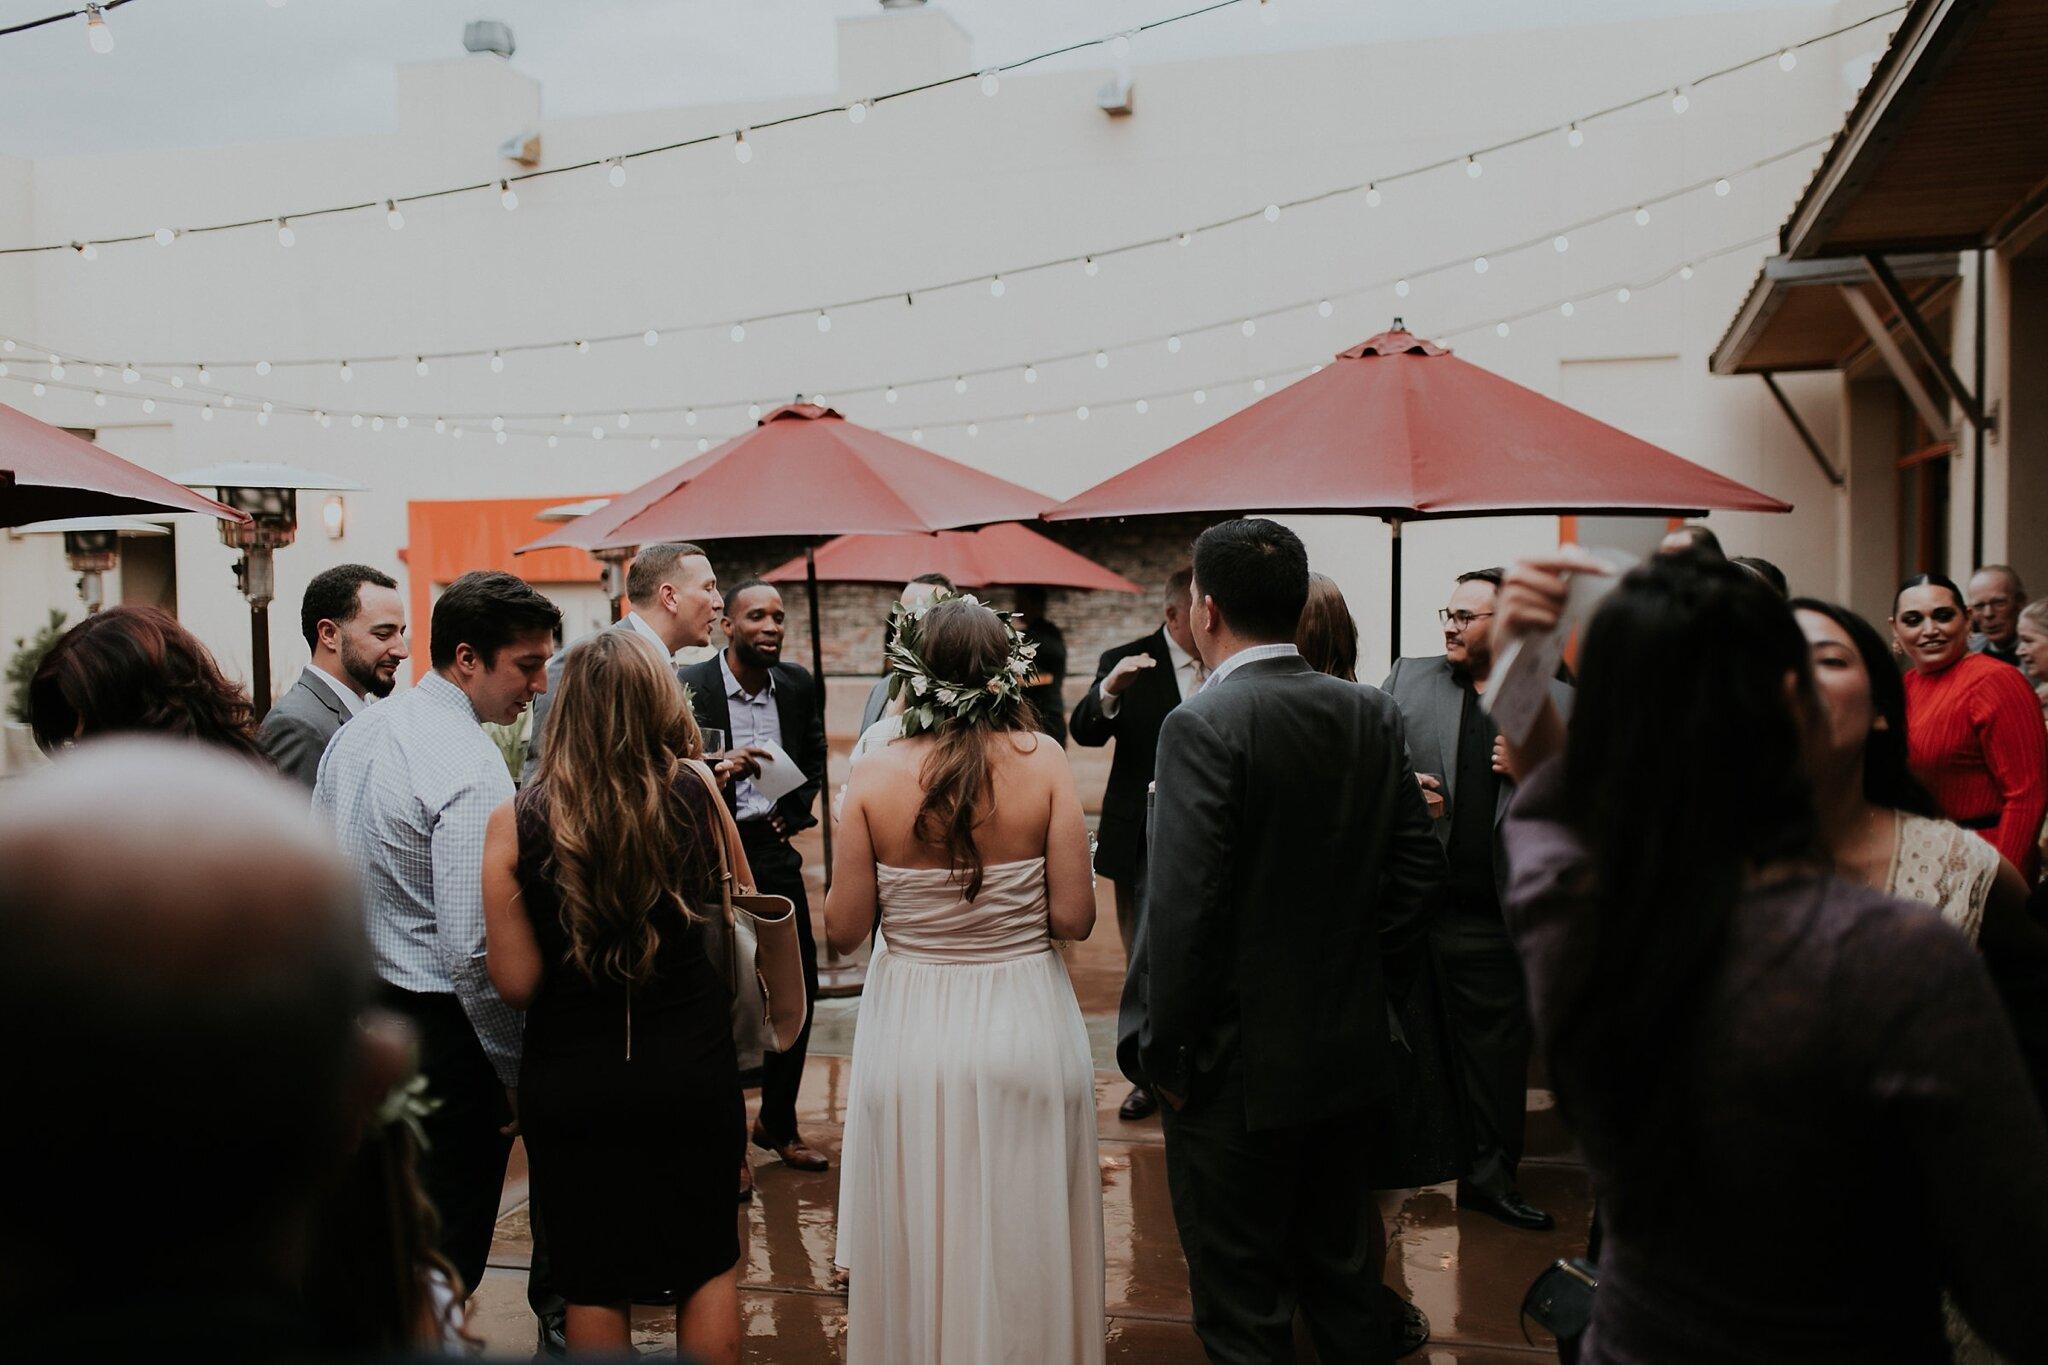 Alicia+lucia+photography+-+albuquerque+wedding+photographer+-+santa+fe+wedding+photography+-+new+mexico+wedding+photographer+-+new+mexico+wedding+-+wedding+venue+-+new+mexico+wedding+venue+-+four+seasons+wedding+-+four+seasons+santa+fe_0088.jpg